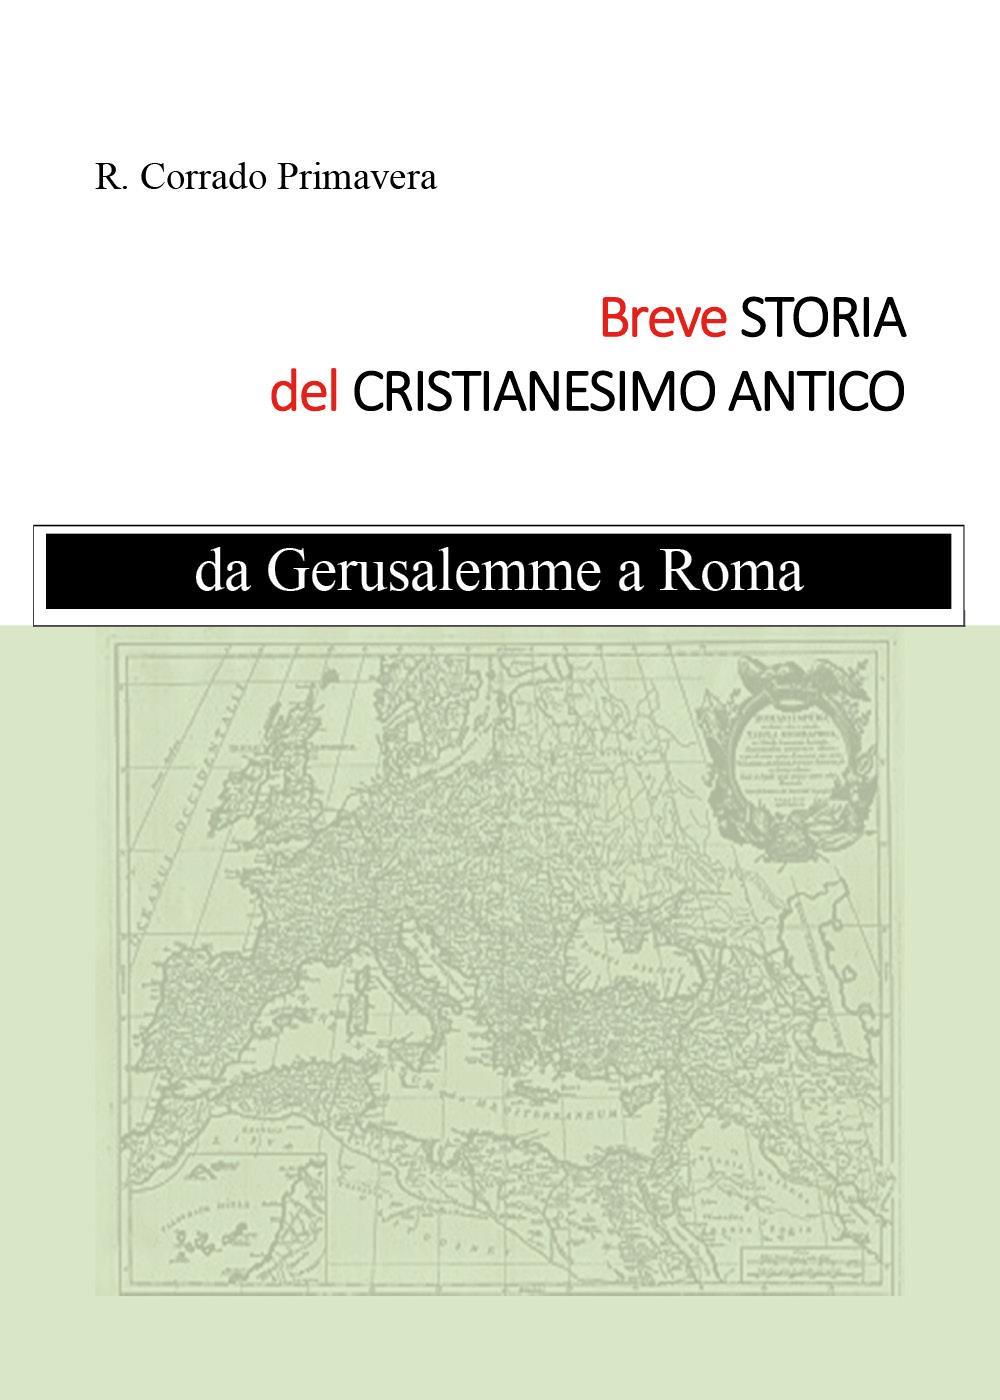 Breve Storia del Cristianesimo Antico